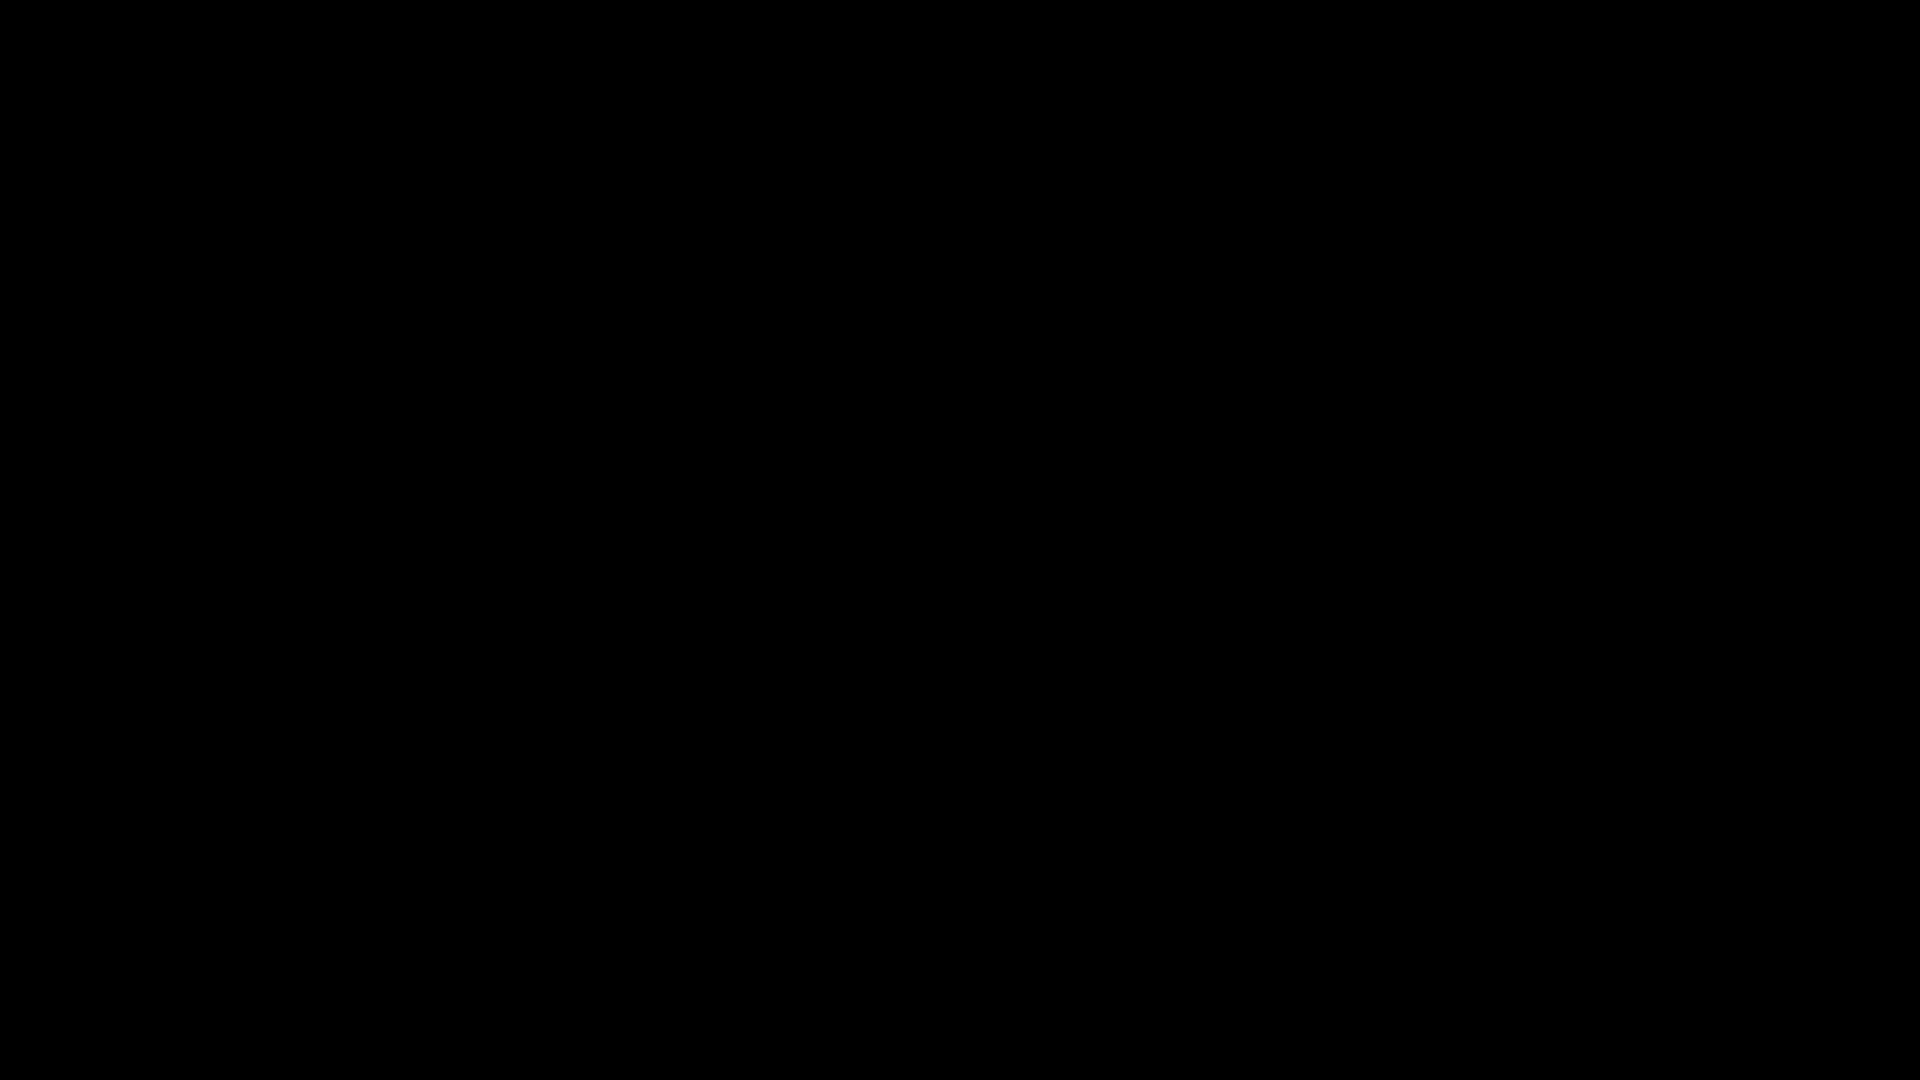 シニアヨガ インストラクター養成講座  山田いずみ先生の椅子ヨガ 名古屋 2018年 2019年 基礎編 開講